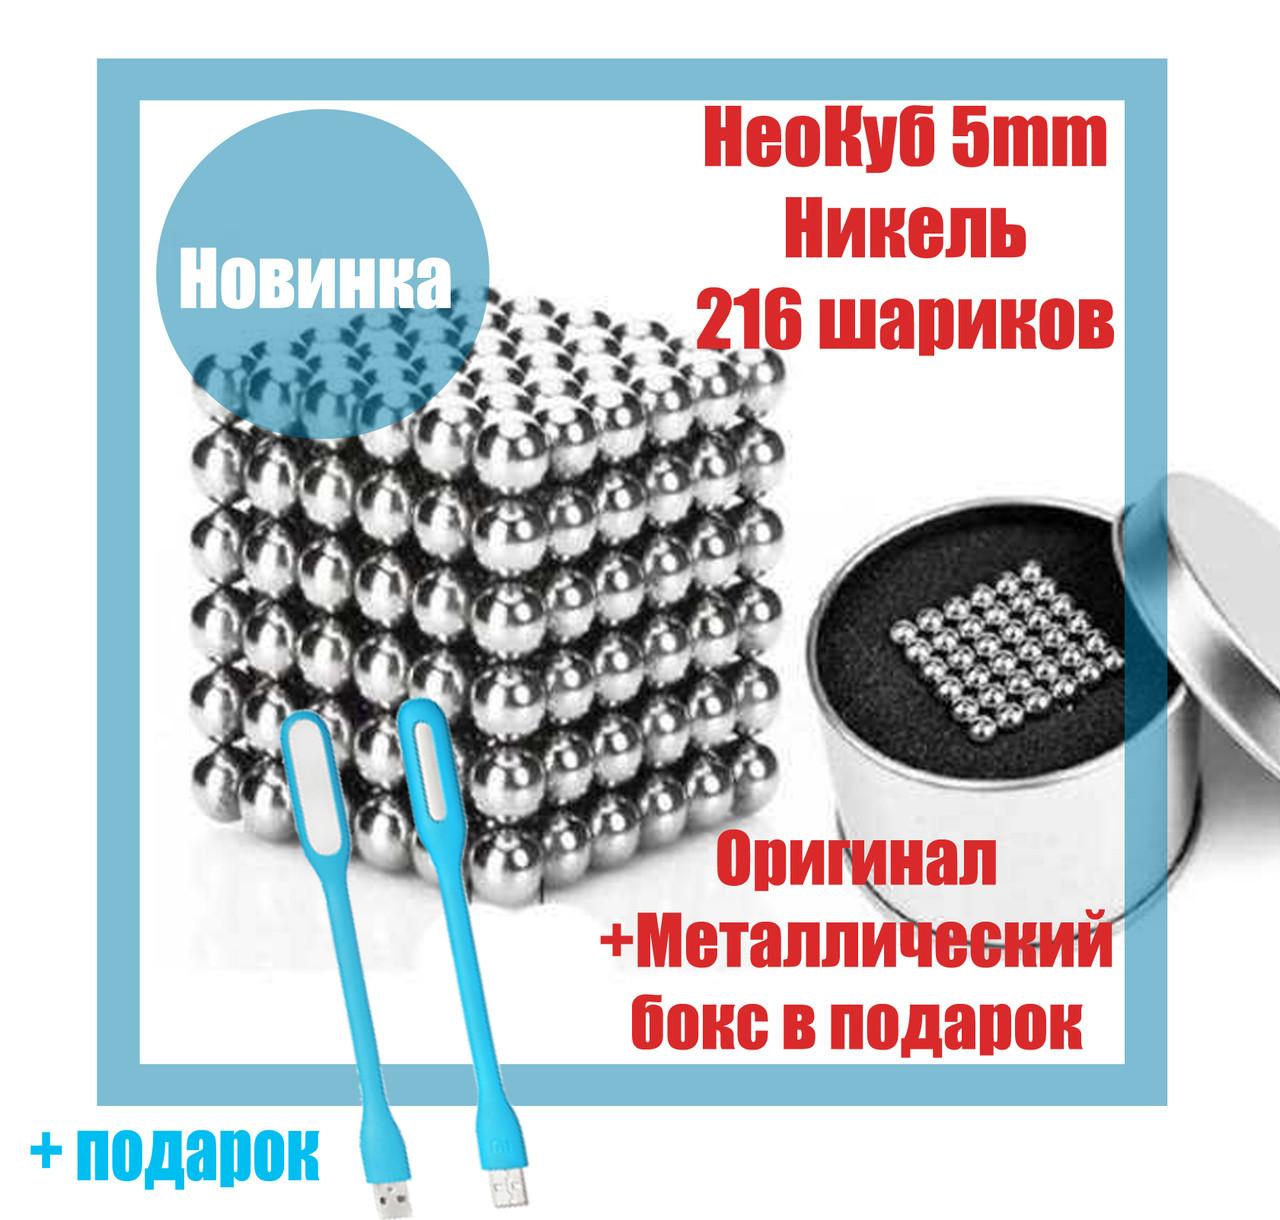 Неокуб Neocube 5мм никель 216 шариков, конструктор, головоломка, оригинал +металлический бокс в подарок